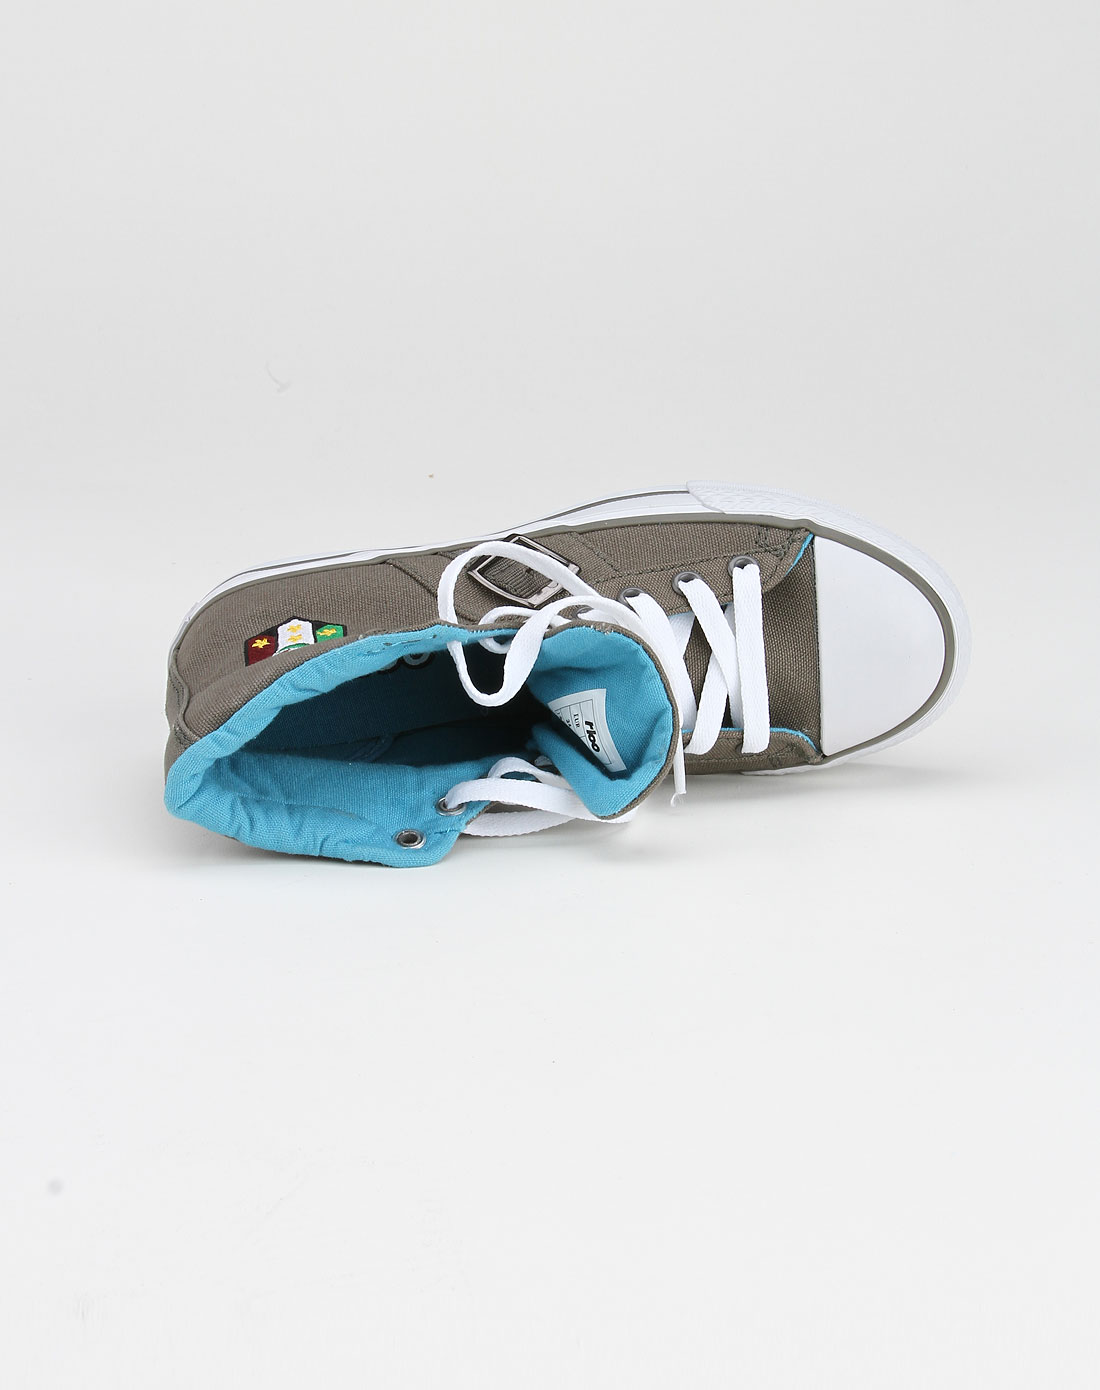 高帮帆布鞋怎么搭配 女生高帮帆布鞋搭配专卖您好